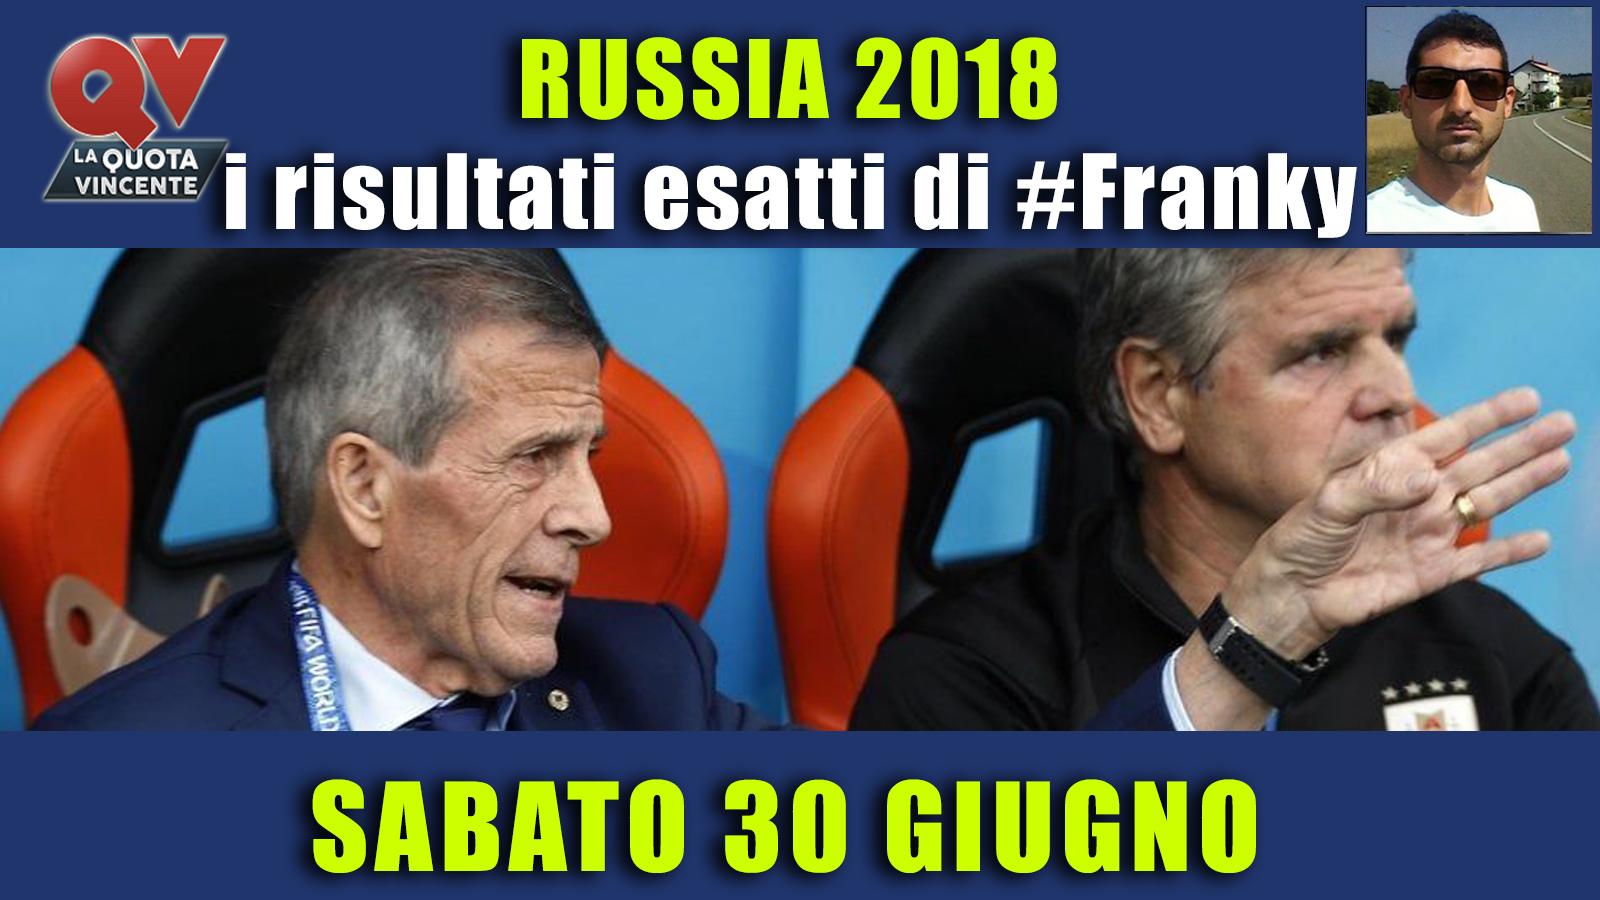 Pronostici risultati esatti Mondiali 30 giugno: le scelte di #FrankyDefa